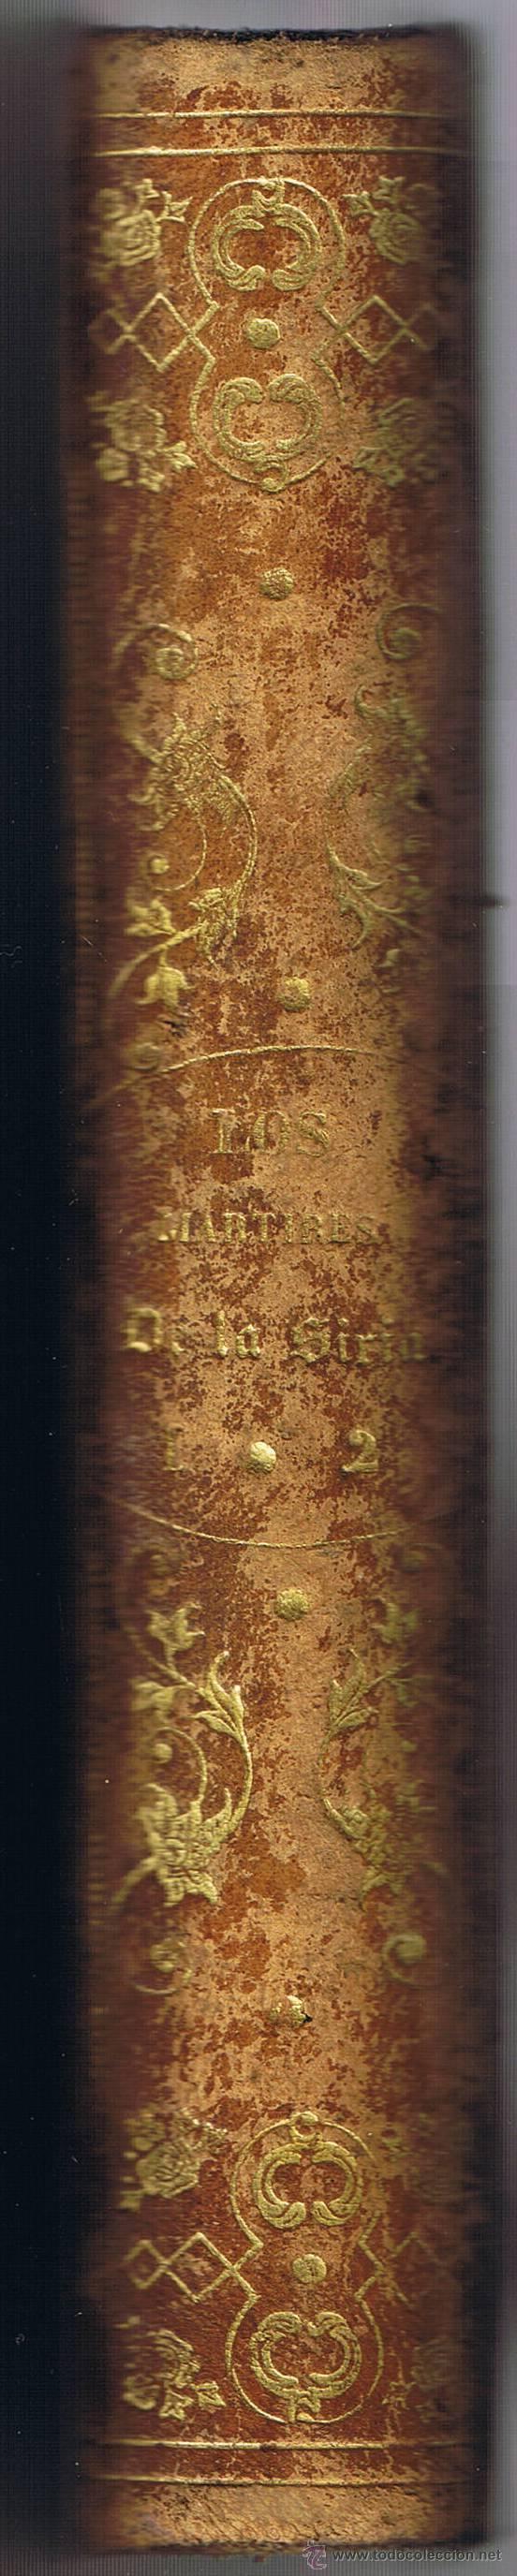 Libros antiguos: LOS MÁRTIRES DE LA SIRIA - PEDRO MATA - 1860 - TOMO I Y II EN EL VOLÚMEN - - Foto 4 - 42970859